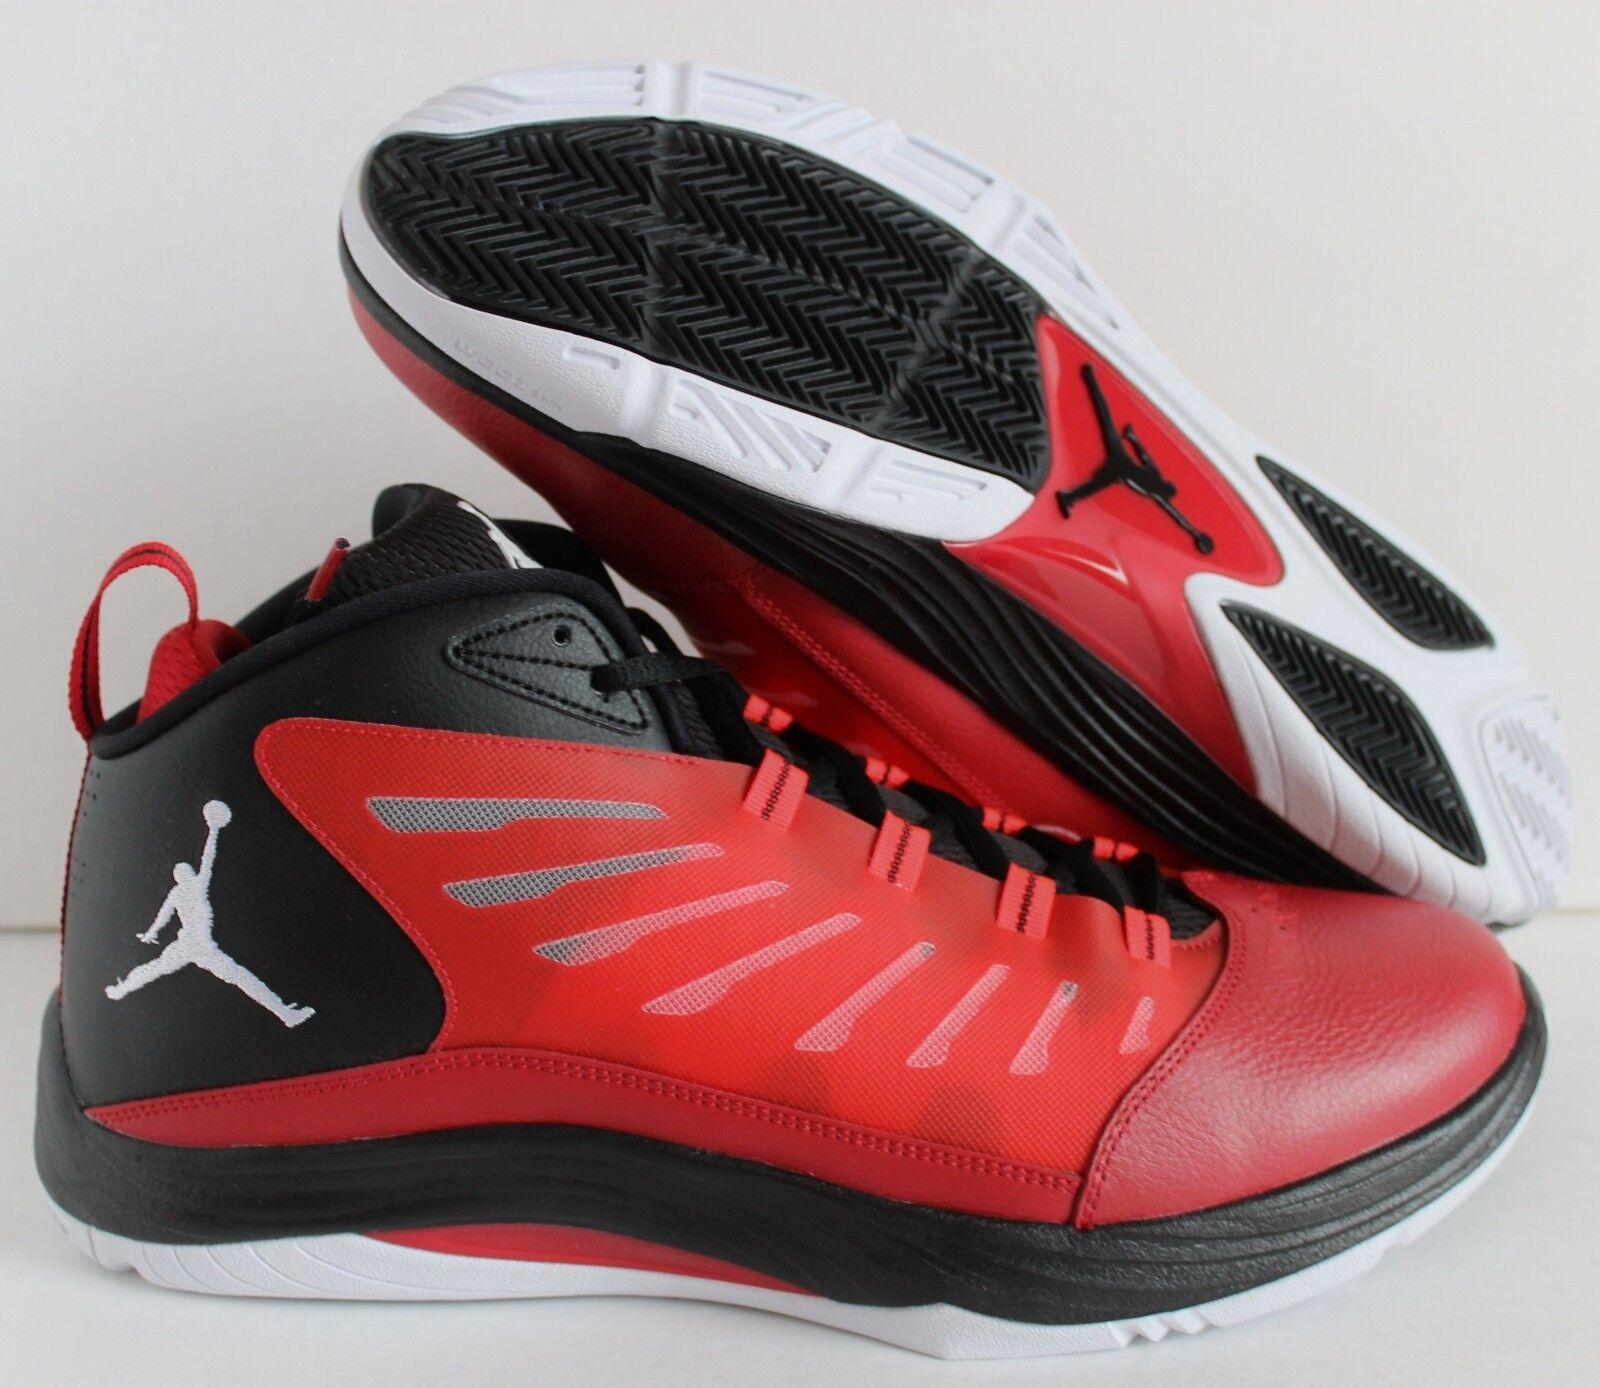 Nike Air Jordan [ prime.fly 2 Gym redBlancoNegroinfrared 23 [ Jordan 654287604 ] 4b8394